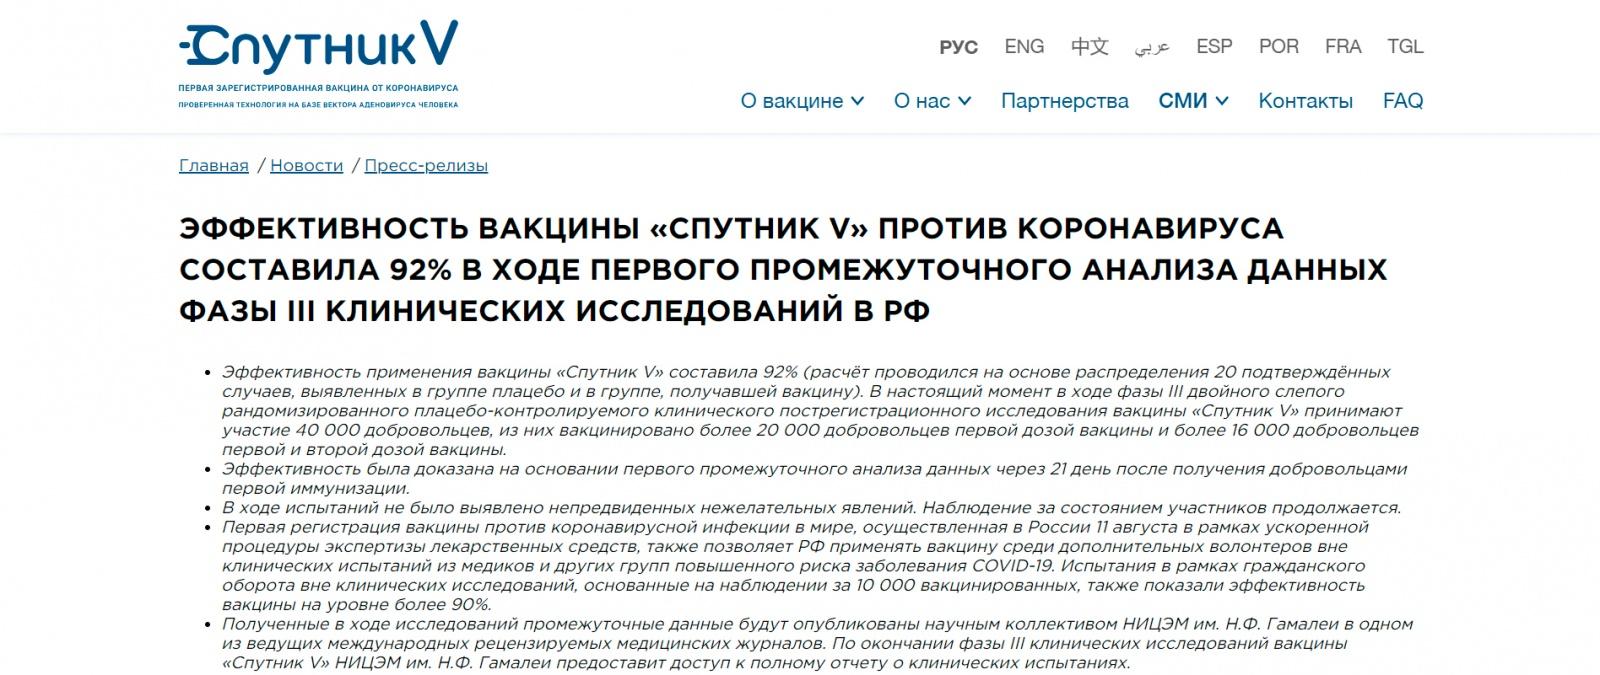 Источник: https://sputnikvaccine.com/rus/newsroom/pressreleases/effektivnost-vaktsiny-sputnik-v-protiv-koronavirusa-sostavila-92-v-khode-pervogo-promezhutochnogo-an/